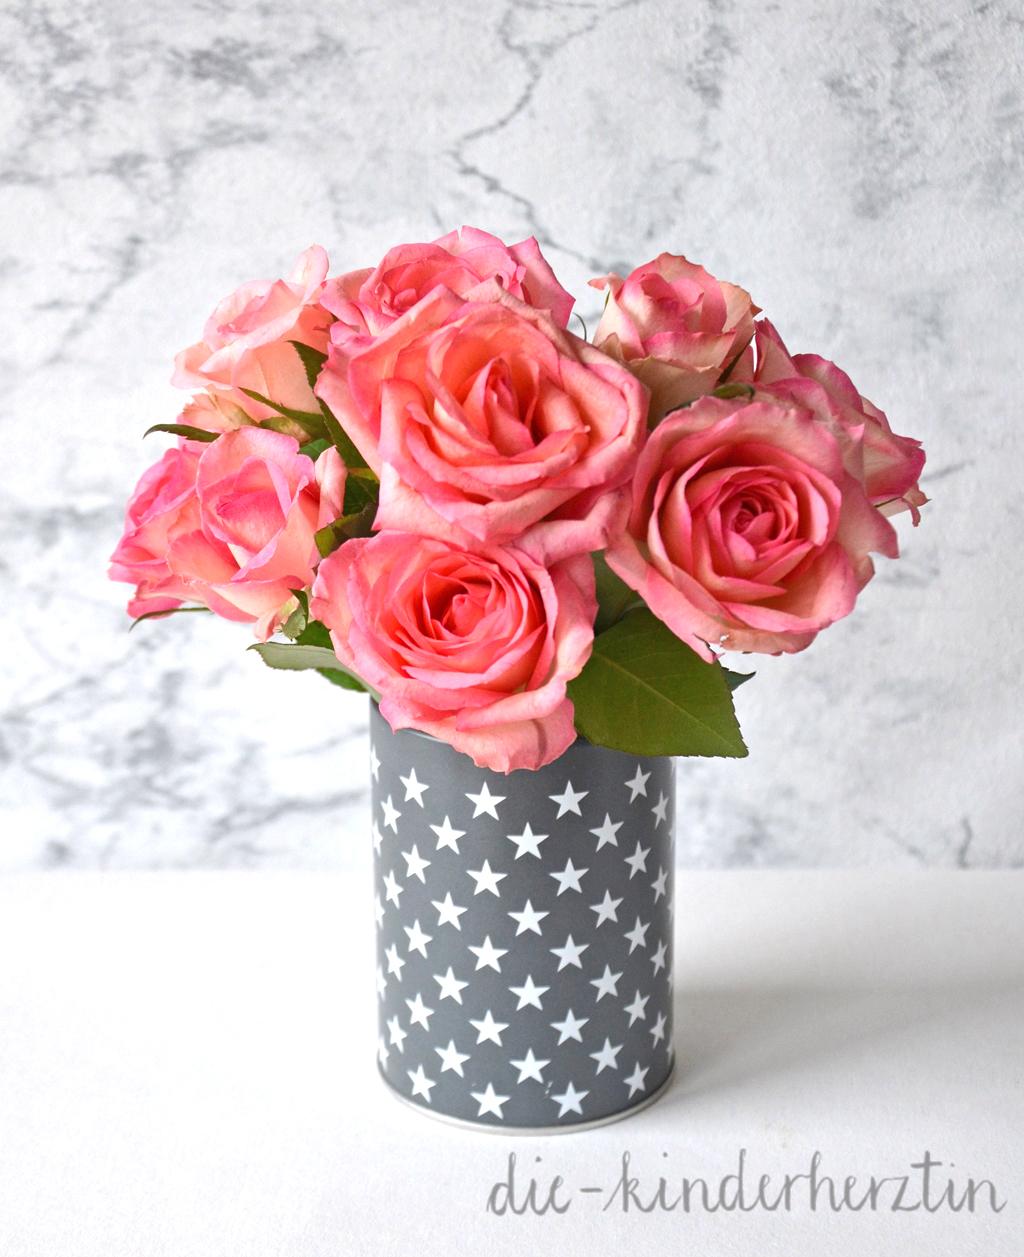 Wenn-Box Inhalt Rosen in Sterne-Behälter